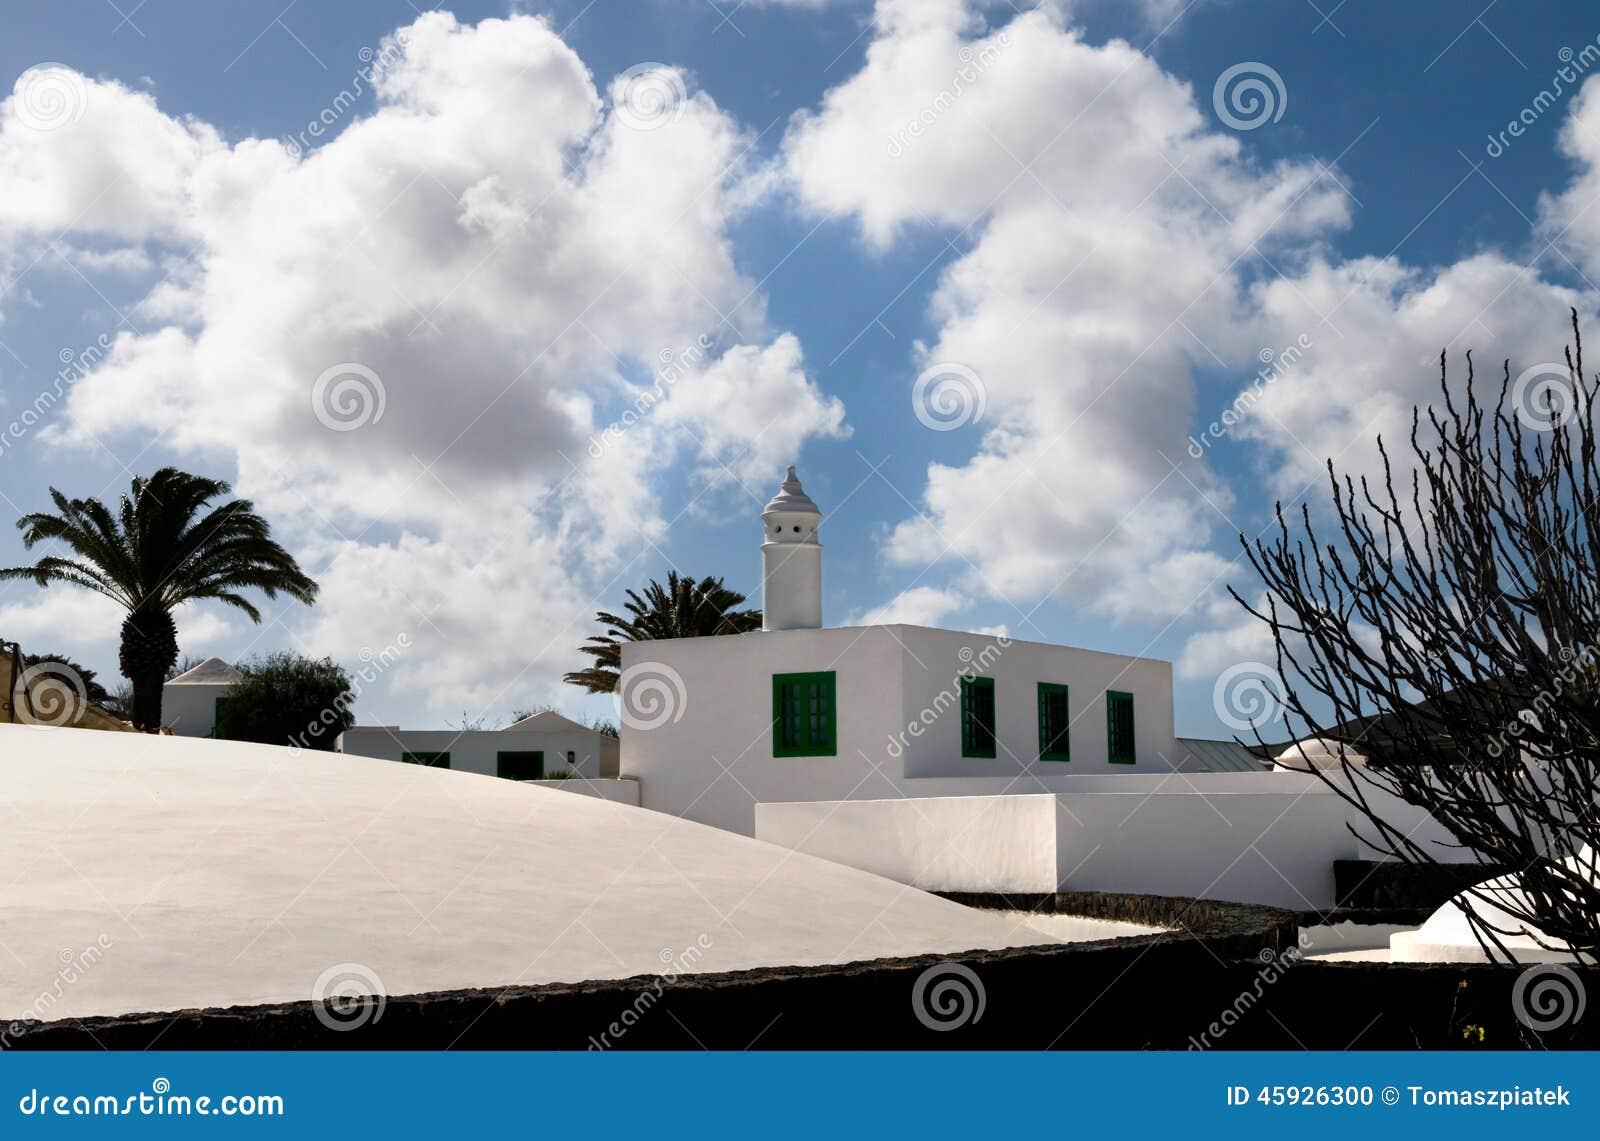 La casa blanca con la torre lanzarote islas canarias - Las casas canarias lanzarote ...